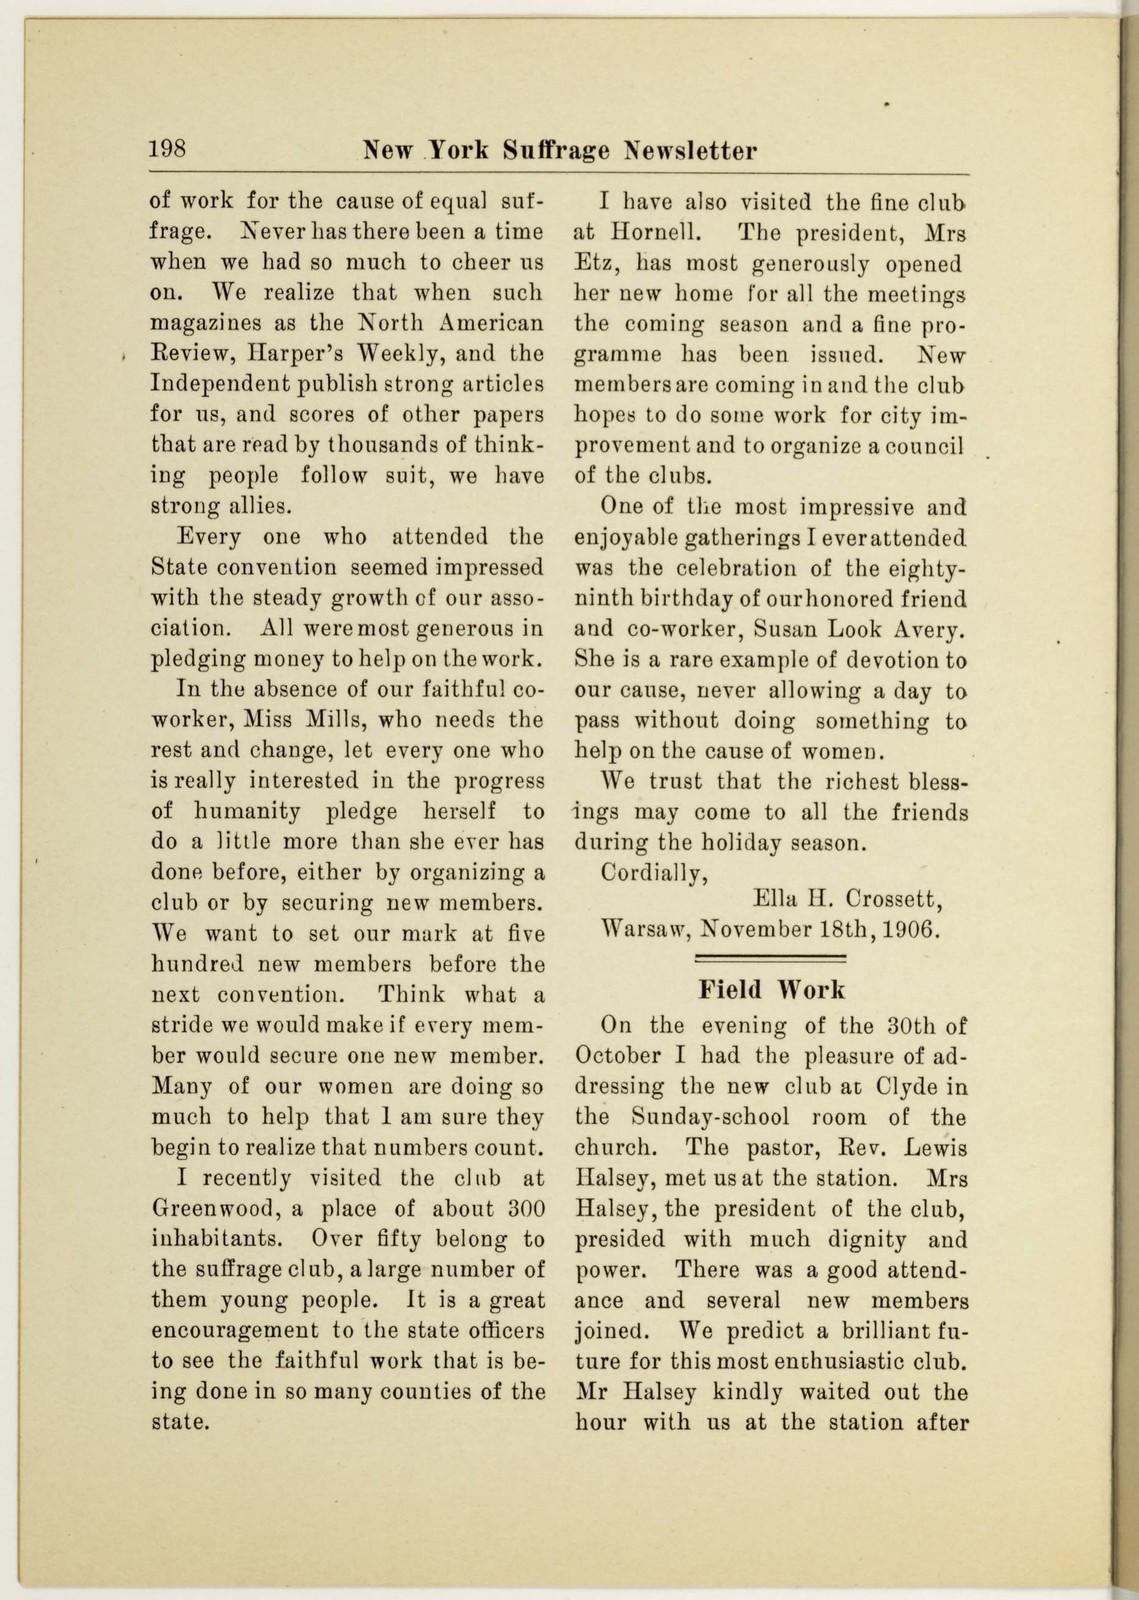 New York Suffrage Newsletter, Harriet May Mills, editor